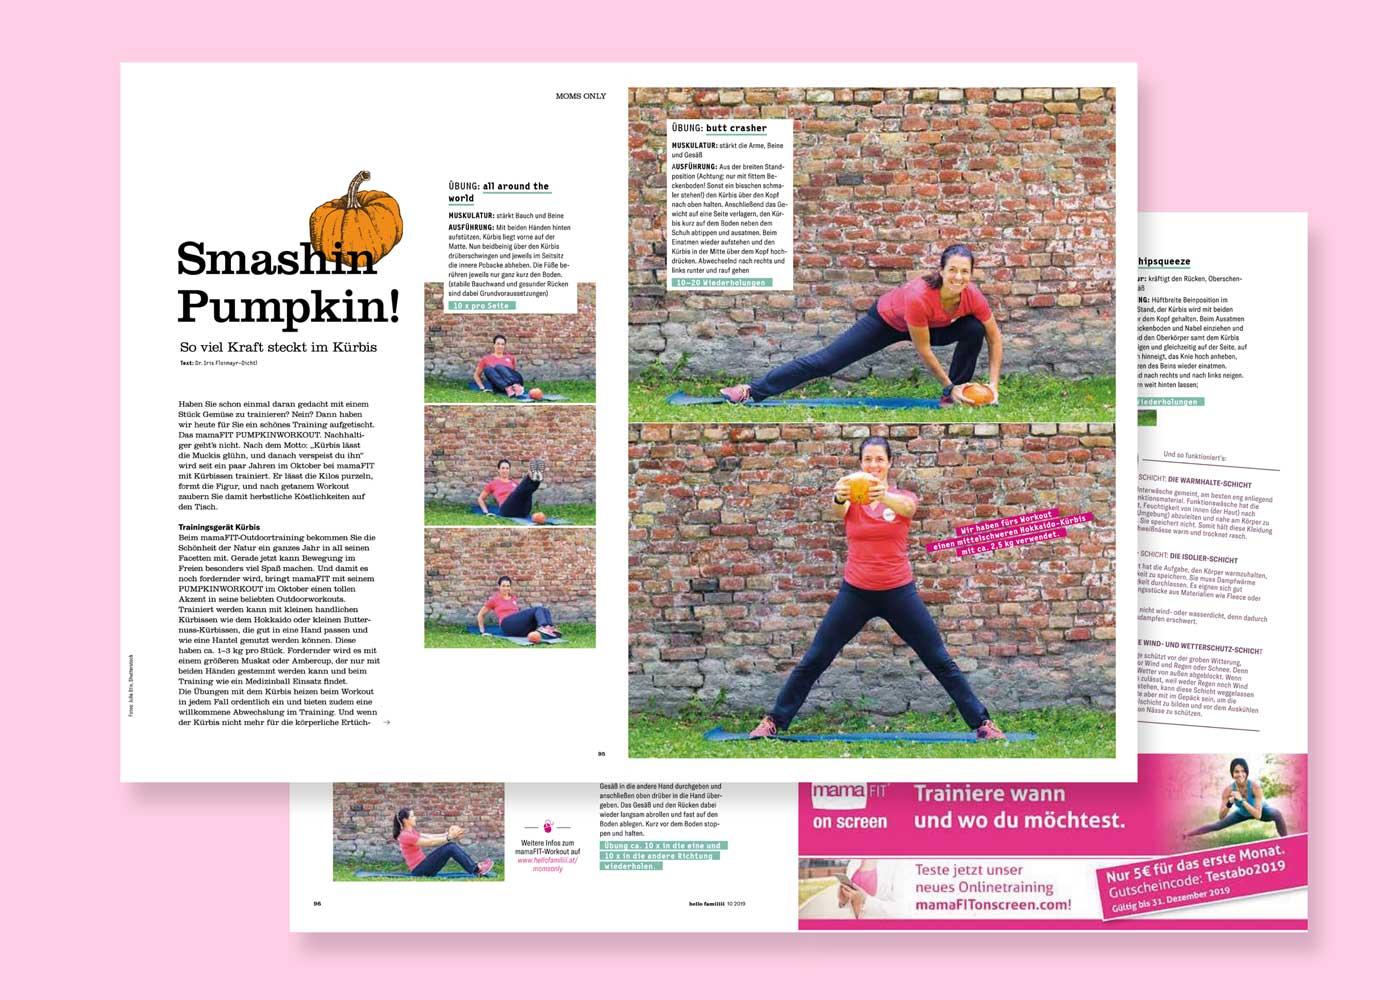 Smashin Pumpkin! – hello familiii